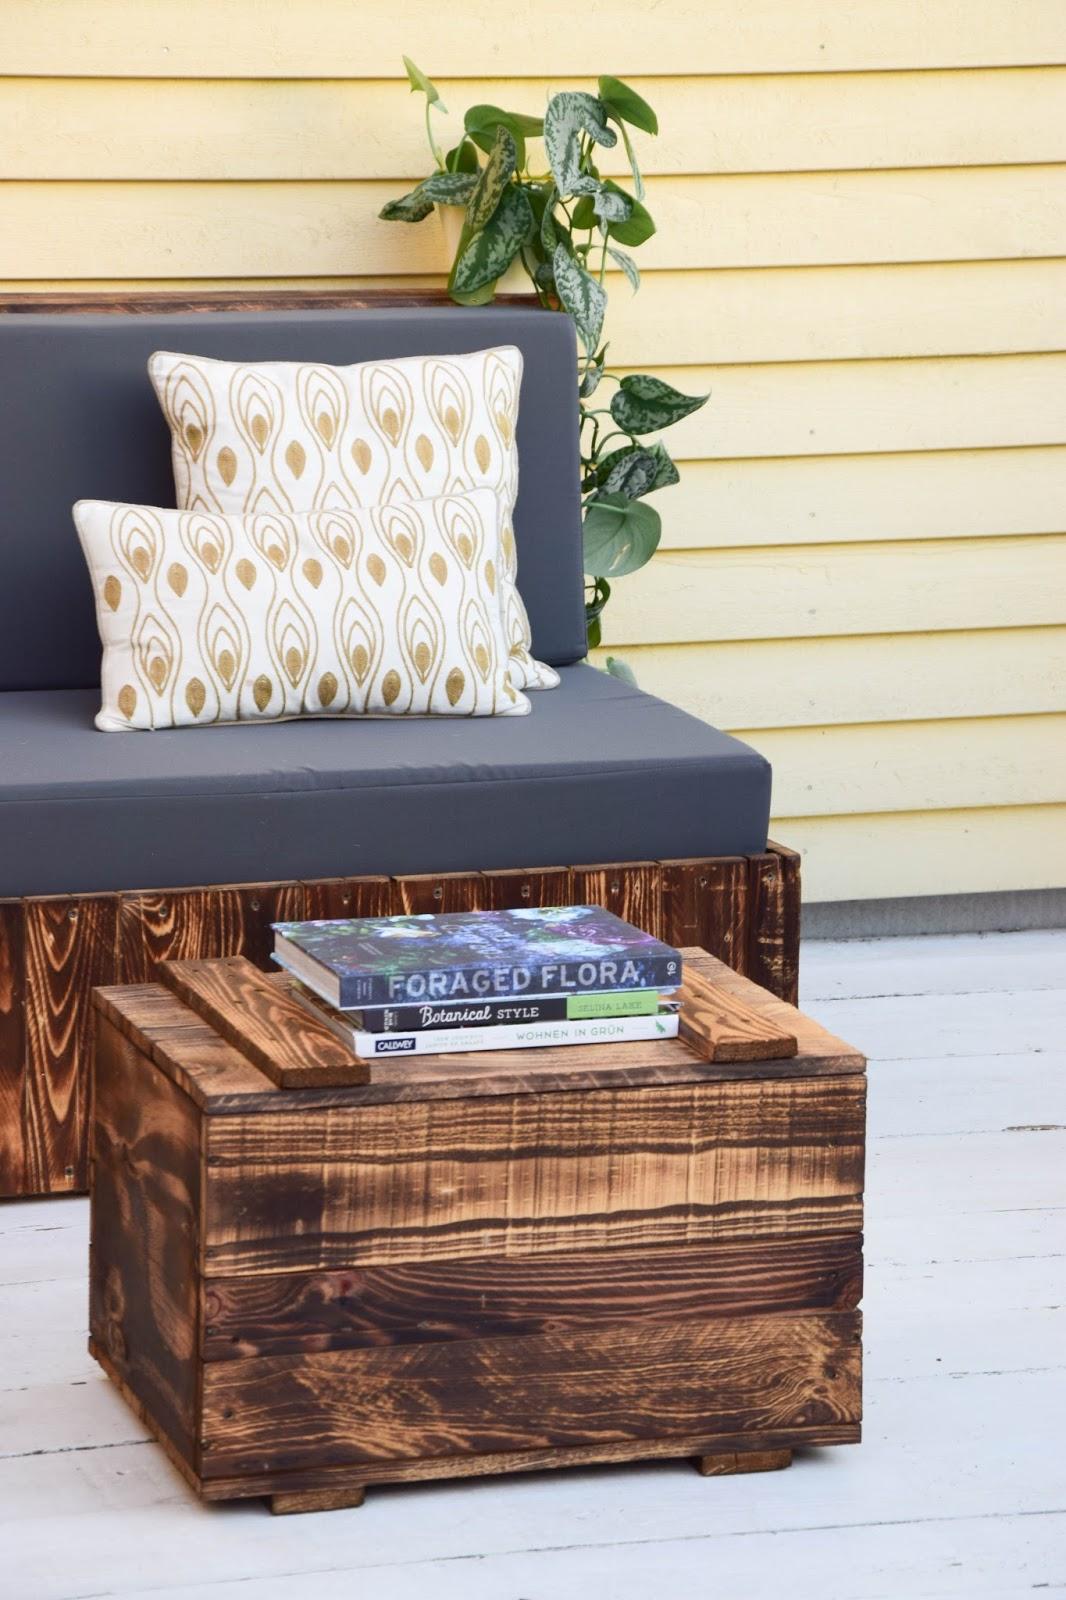 diy paletten sitzmöbel für terrasse dekoidee palettenmöbel gestaltung deko garten